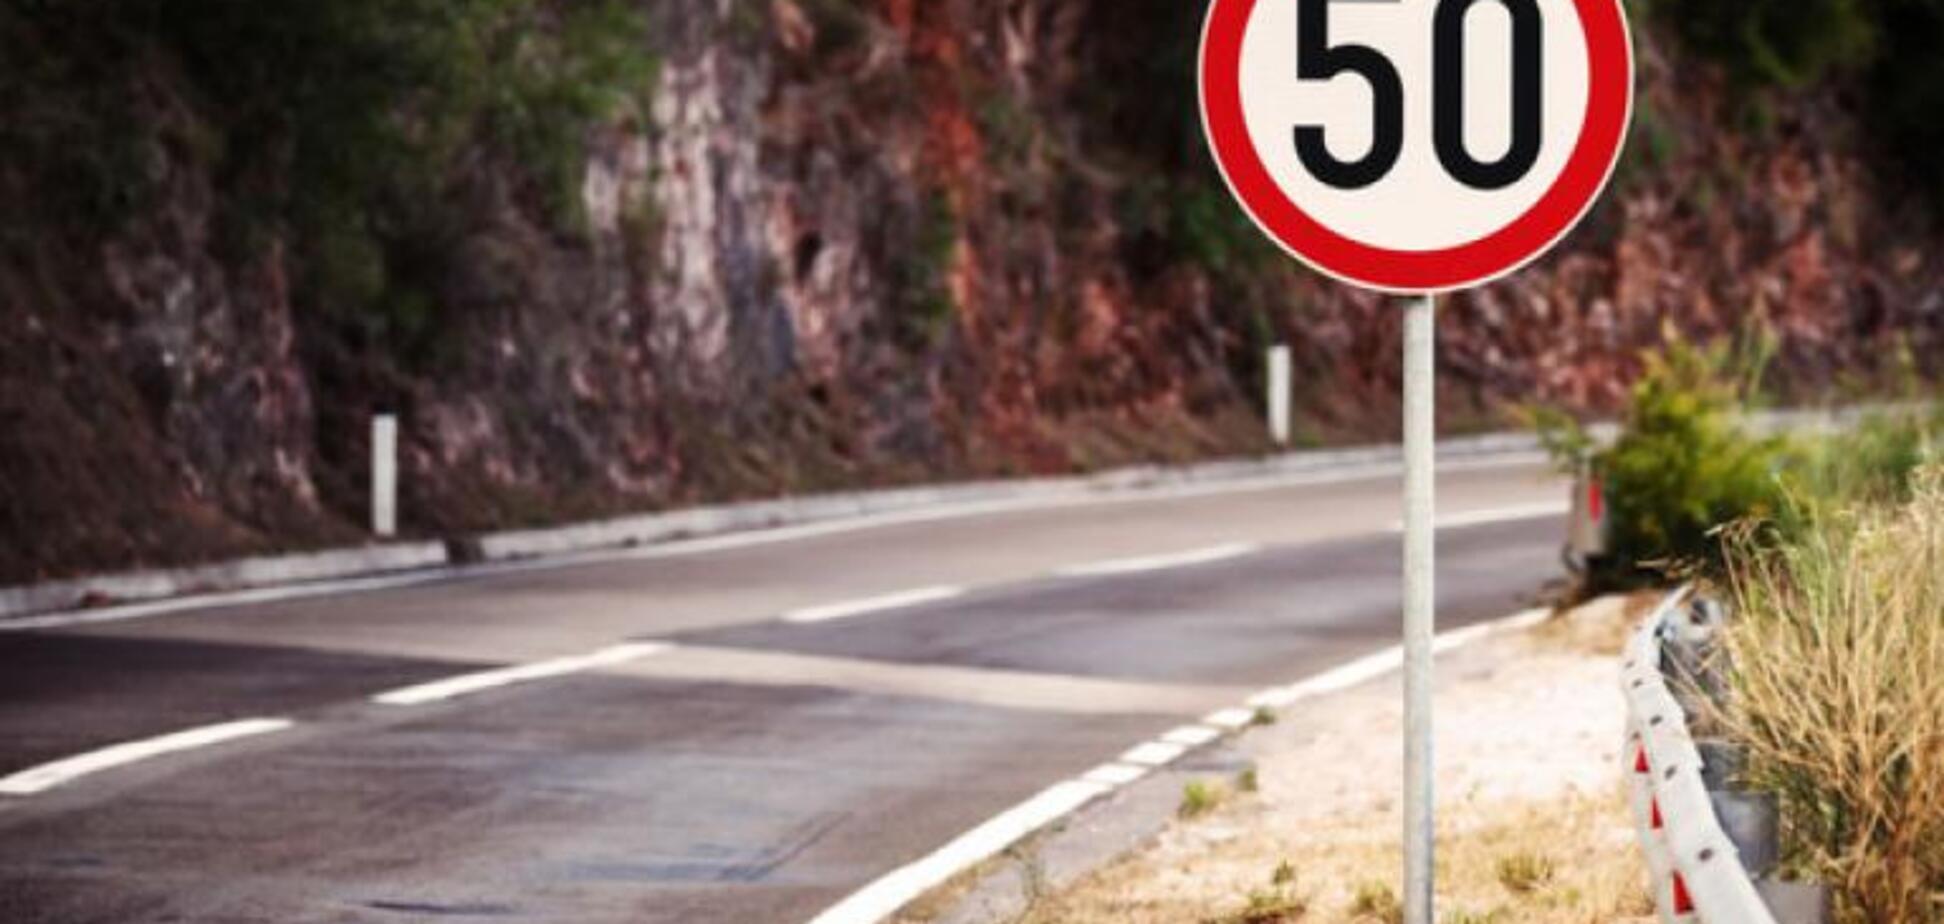 Максимальная скорость на дорогах